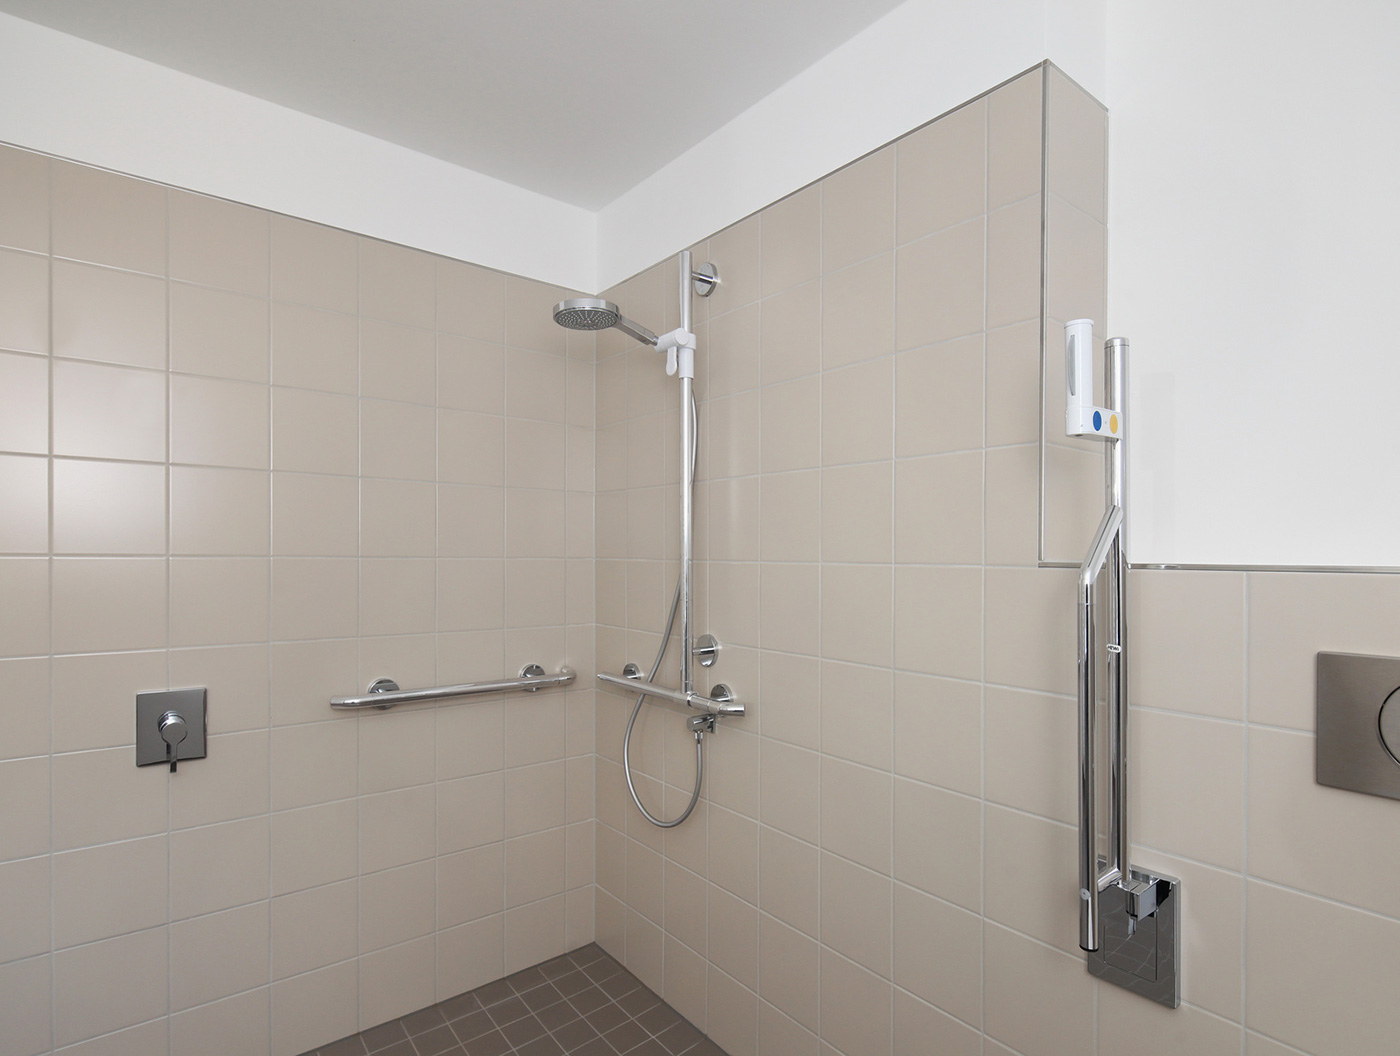 Full Size of Behindertengerechte Dusche Barrierefreie Pflegede Fenster Rolladen Nachträglich Einbauen Wand Eckeinstieg Bodengleiche Hüppe Duschen Begehbare Ohne Tür Dusche Bodengleiche Dusche Nachträglich Einbauen